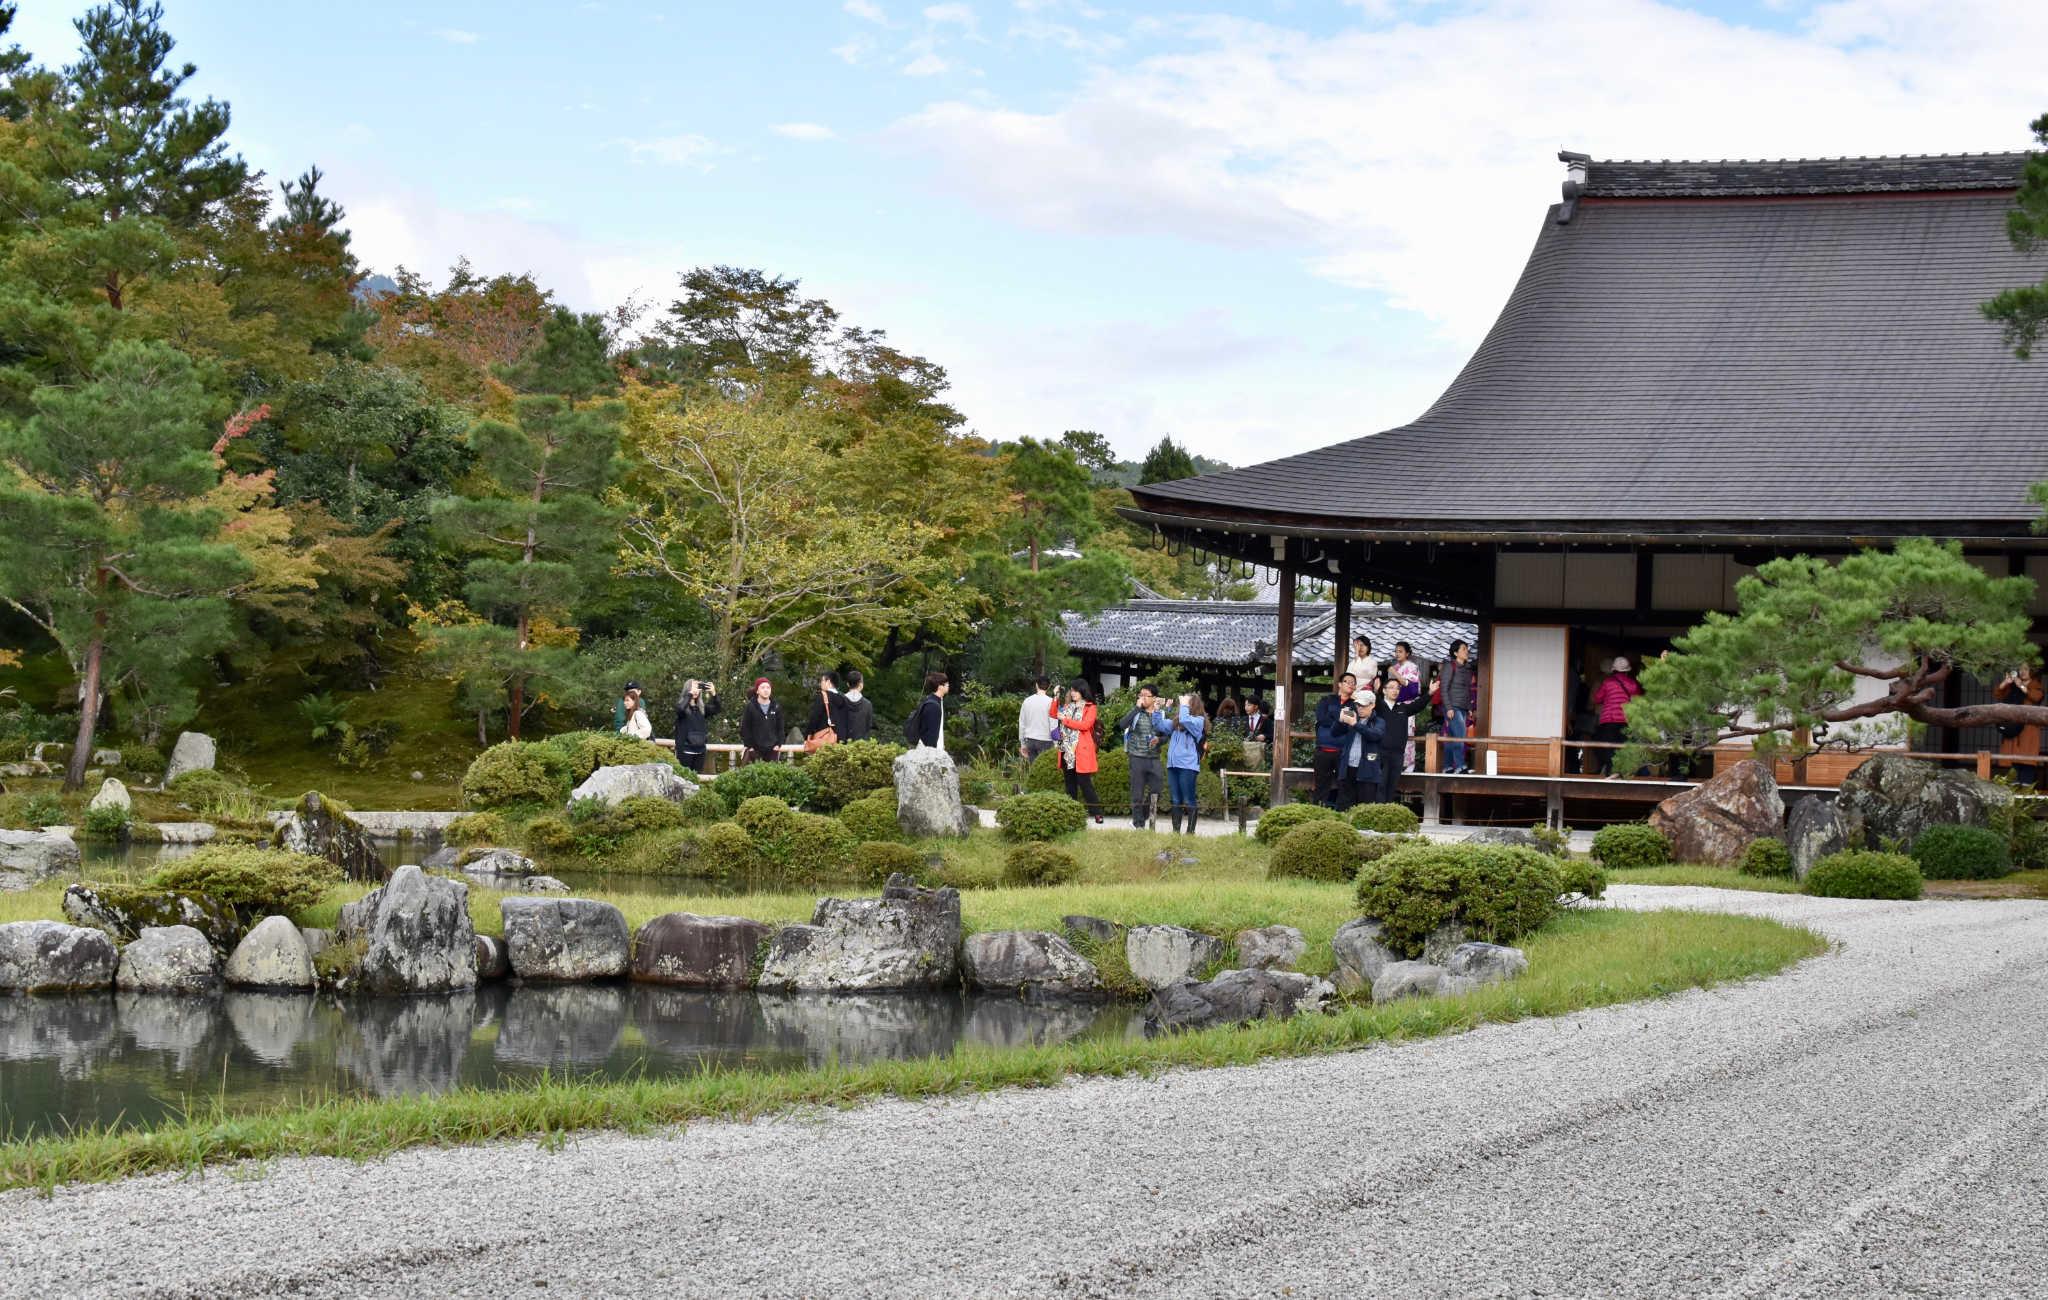 s de jardin sec au Japon